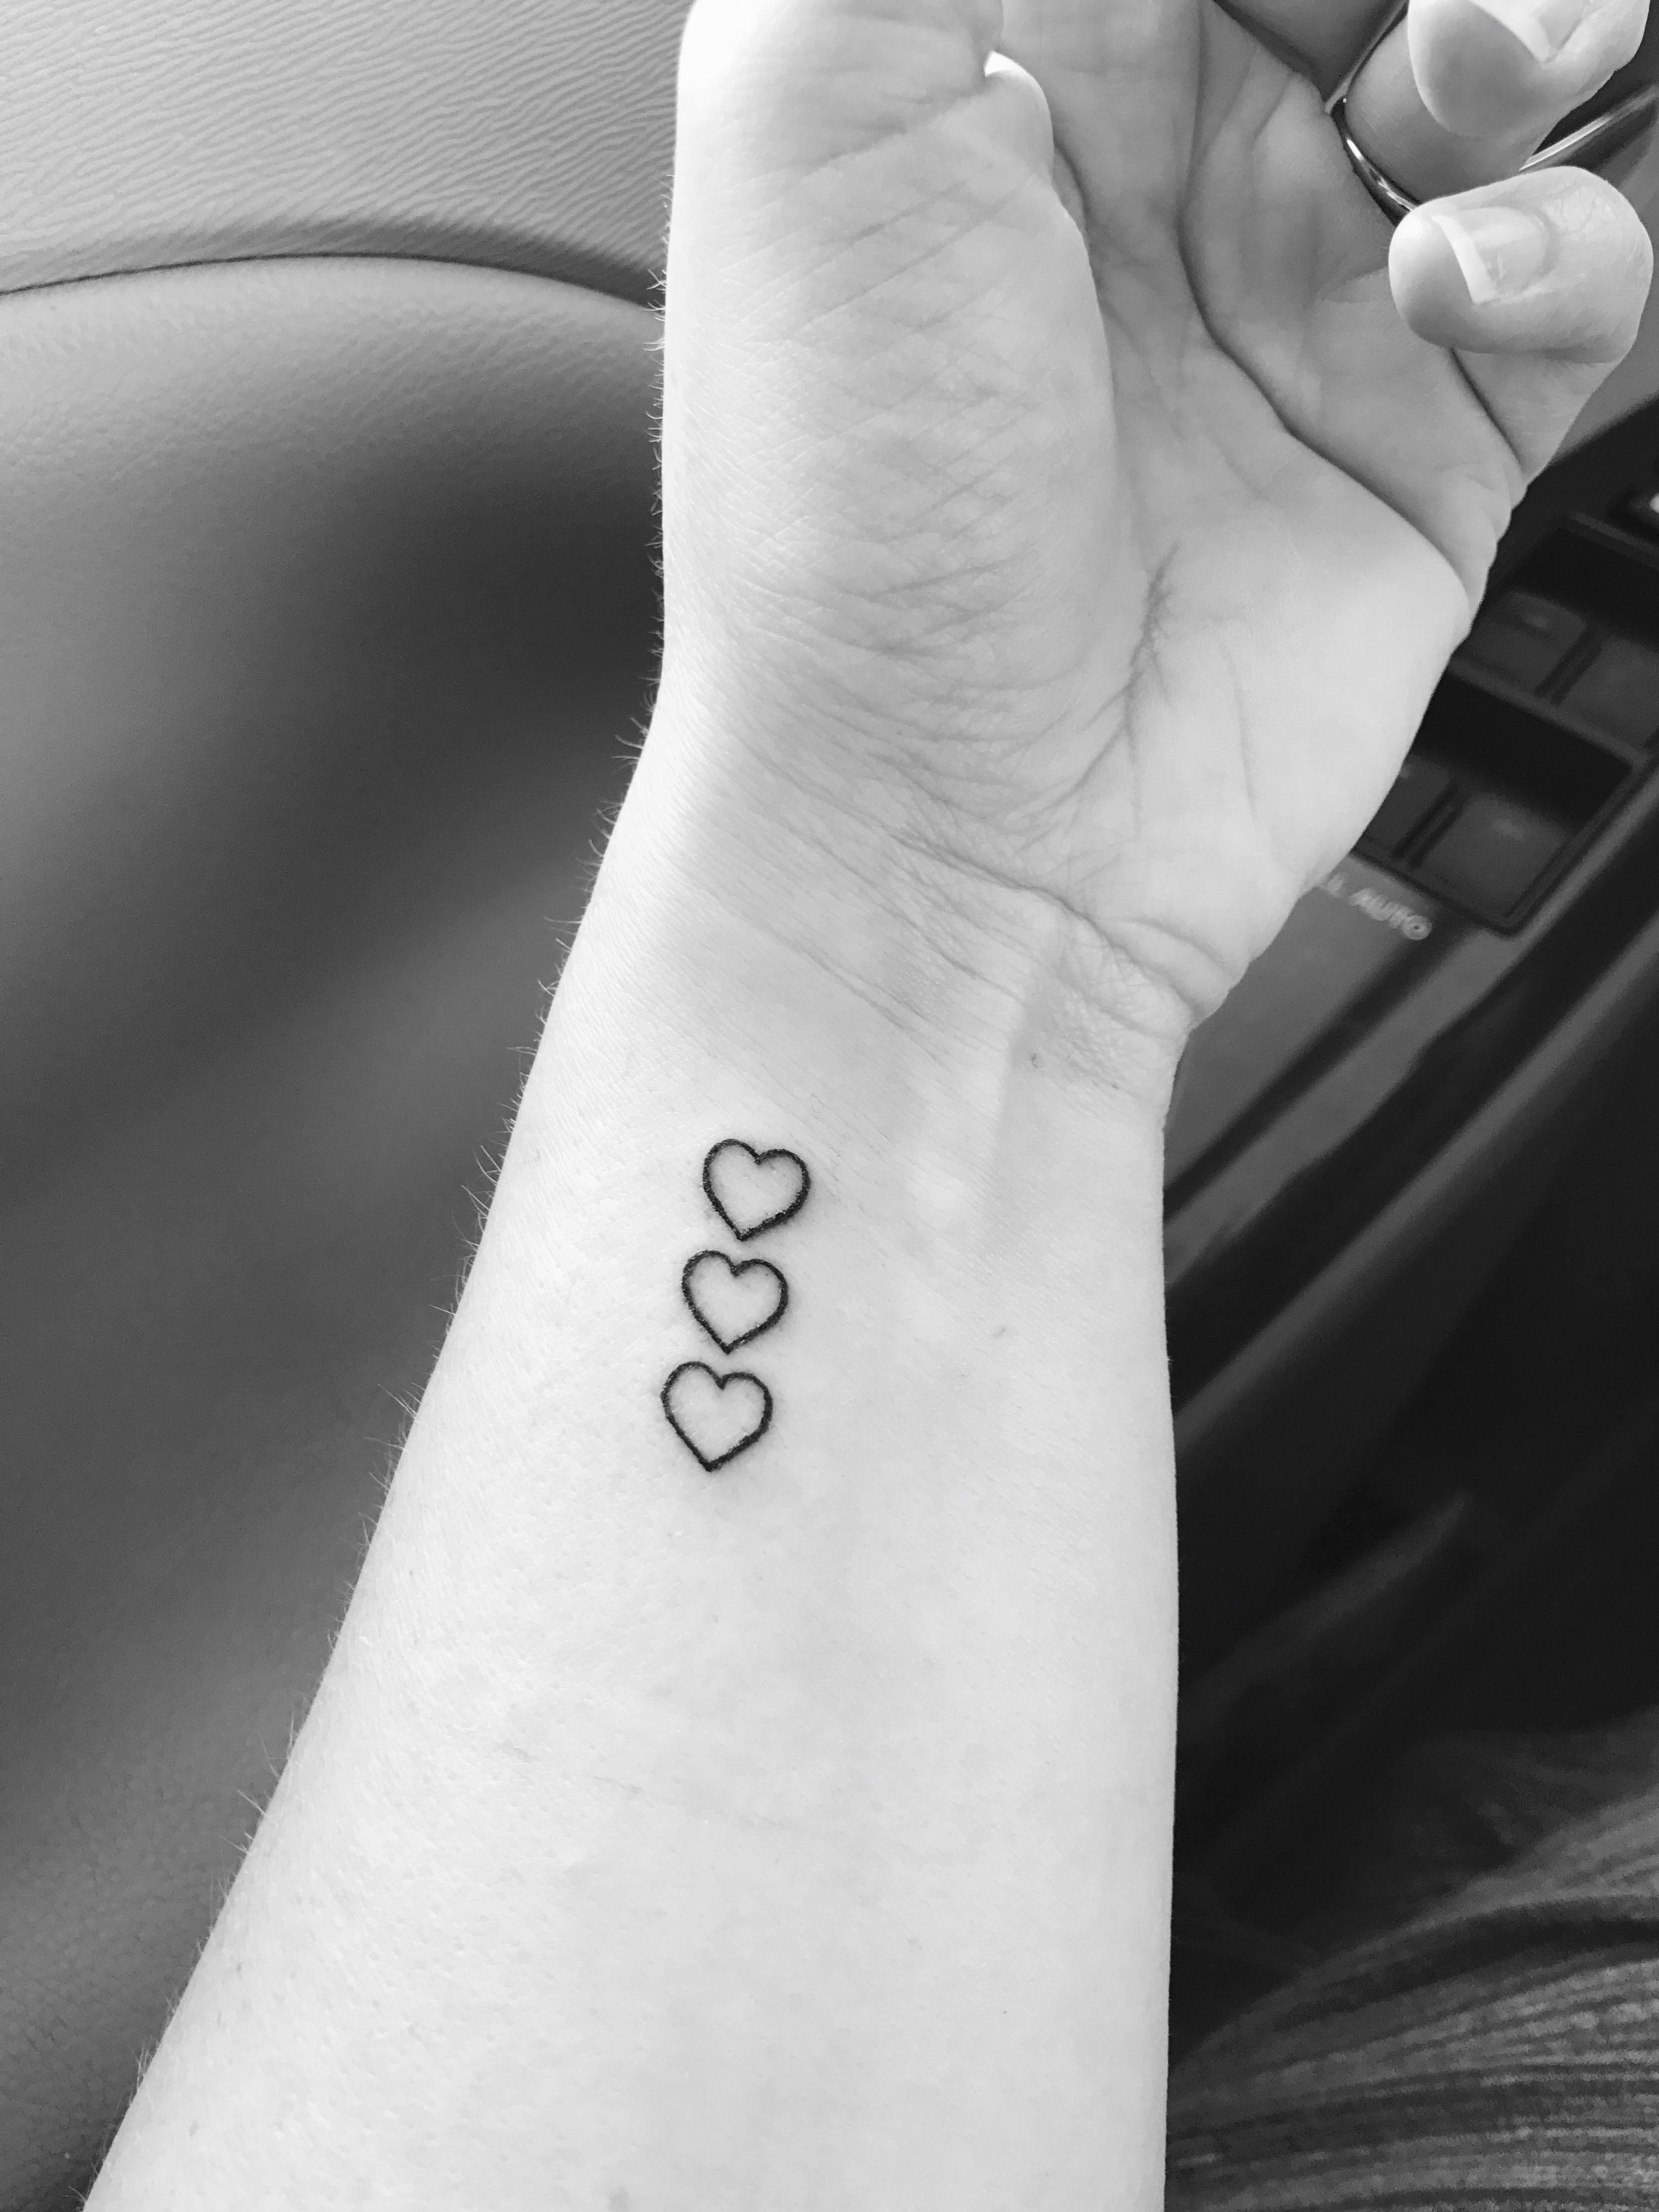 3 Hearts Tattoo : hearts, tattoo, Finally, Tattoo., Three, Hearts, Represent, Kids!, #Patterntattoos, Tattoos, Kids,, Tattoos,, Daughters